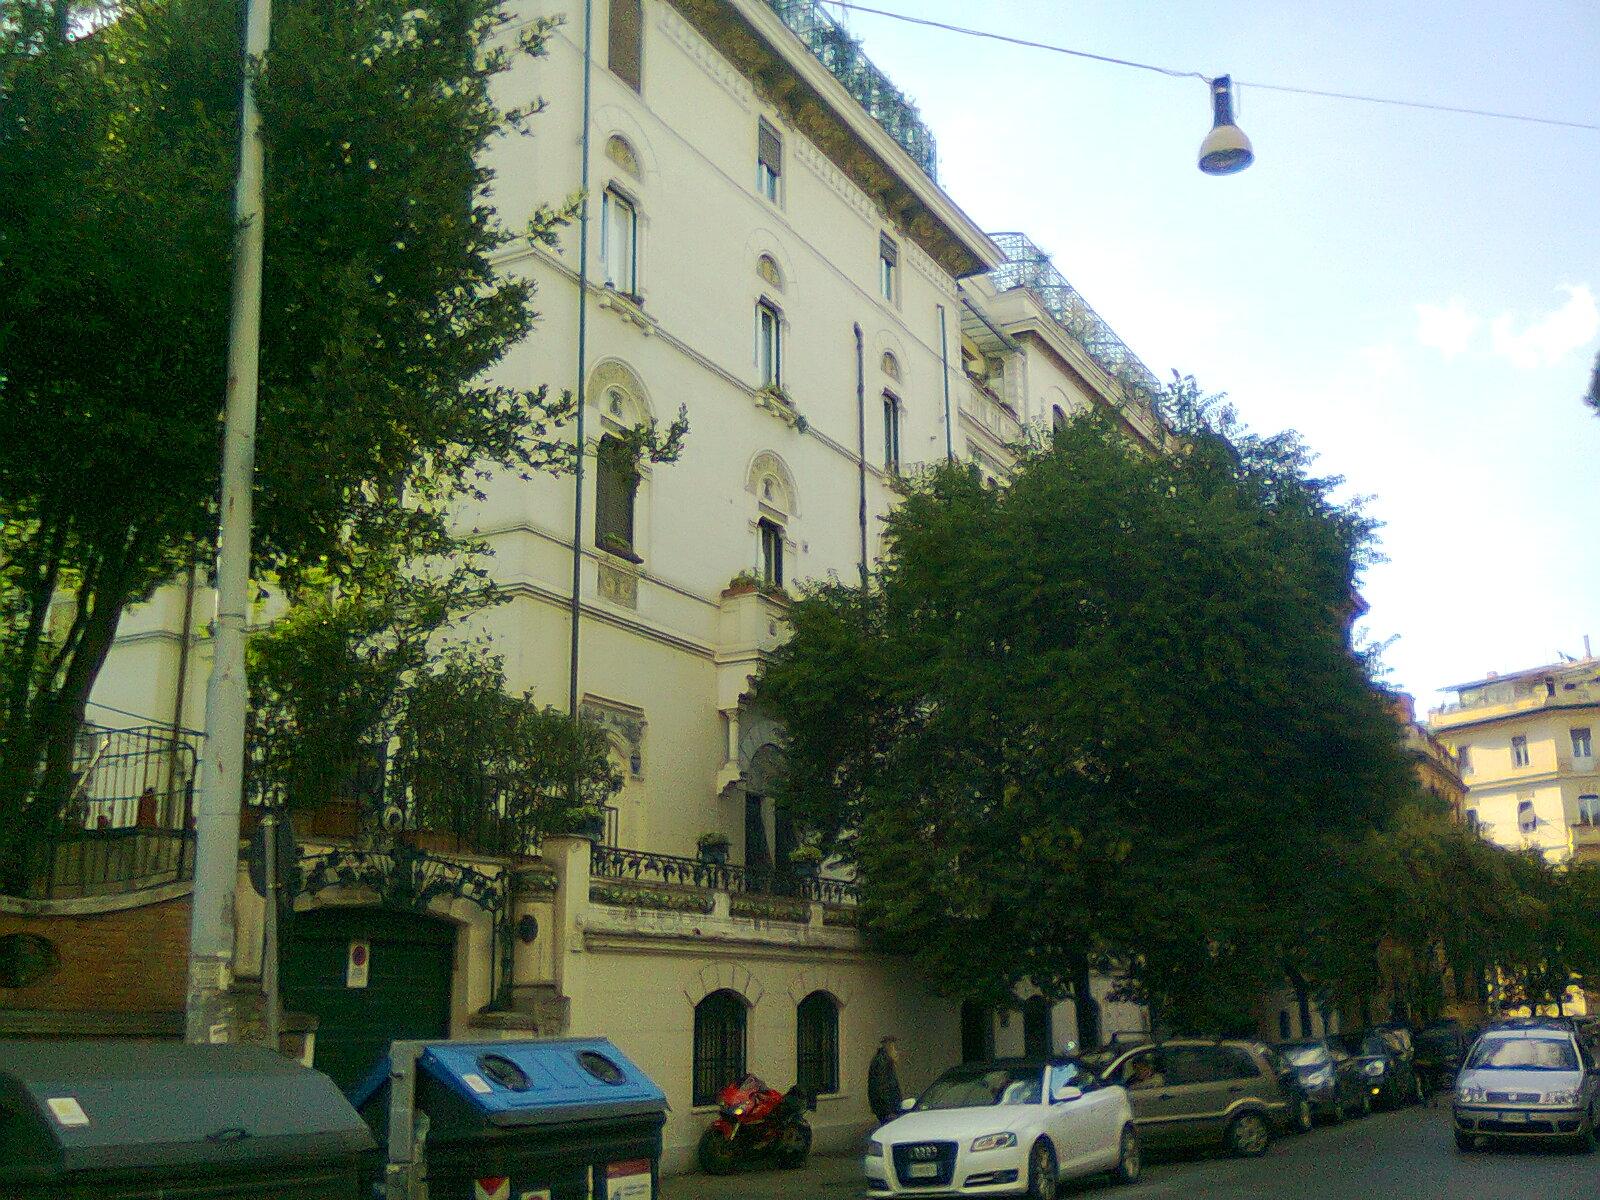 In bici per roma in 47 alla scoperta delle finestre di roma - Le finestre roma ...